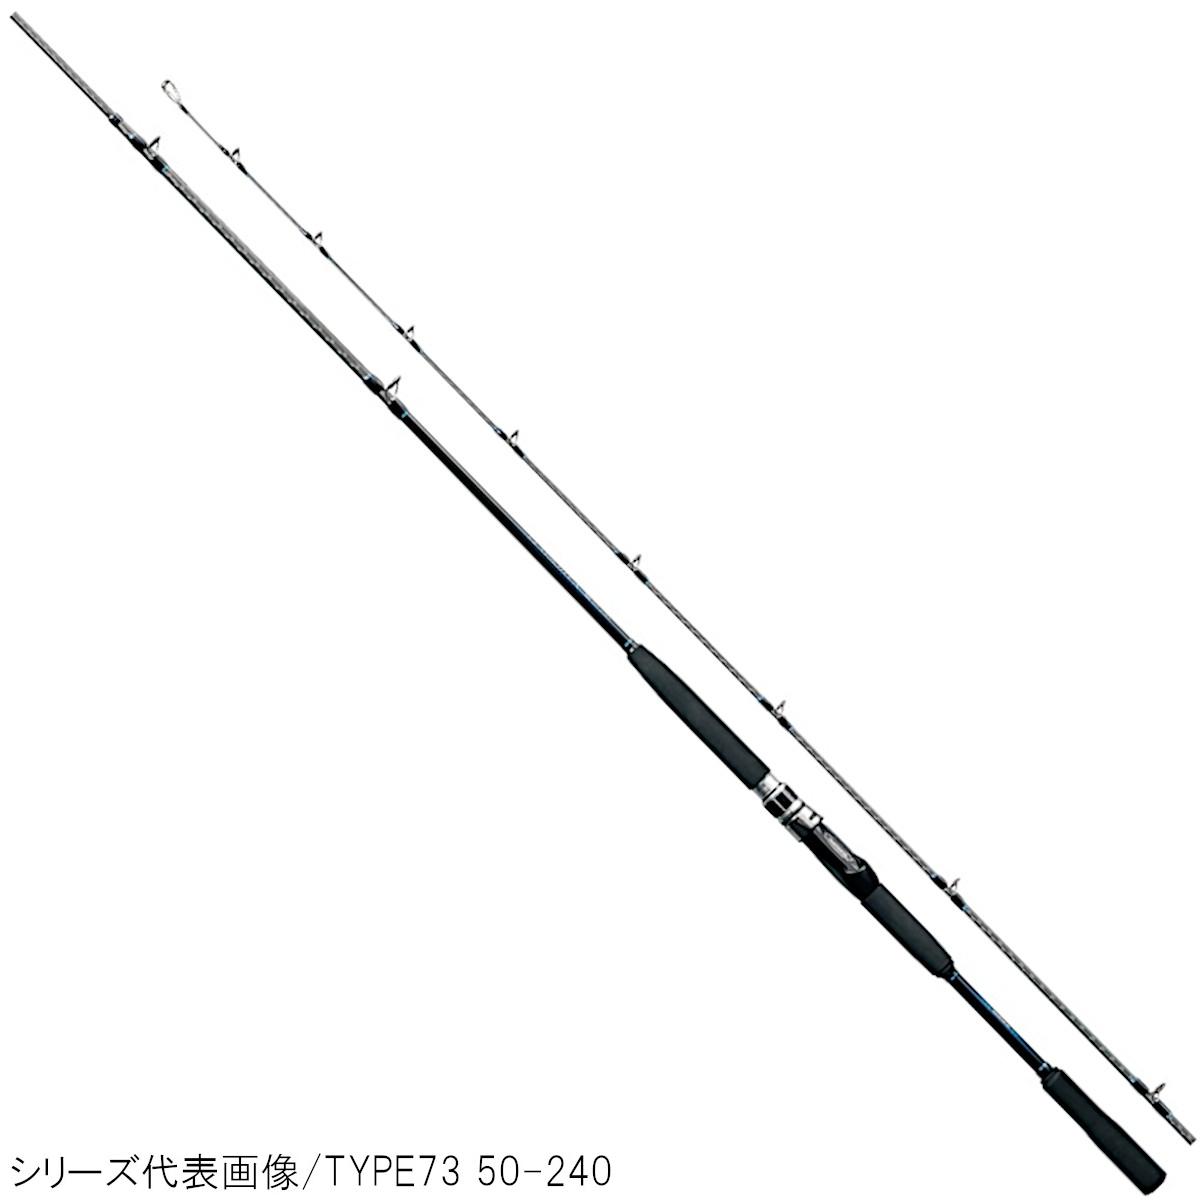 【8日最大8千円オフクーポン!】シマノ シーマイティ X TYPE64 50-270 [20年モデル]【大型商品】